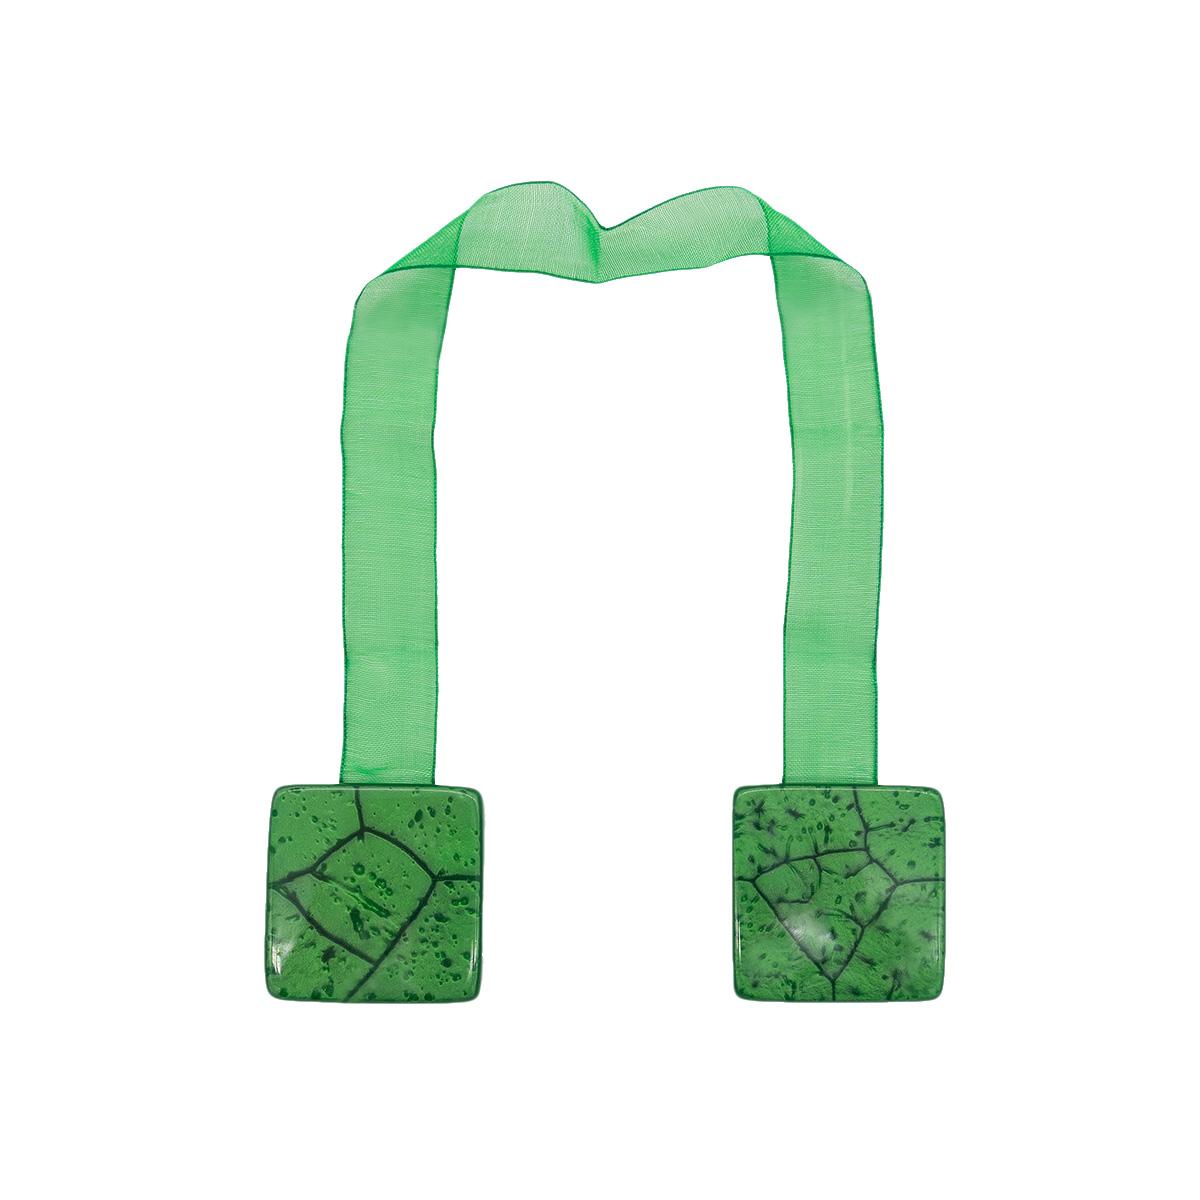 Клипса магнит W55 для штор 1 зеленый